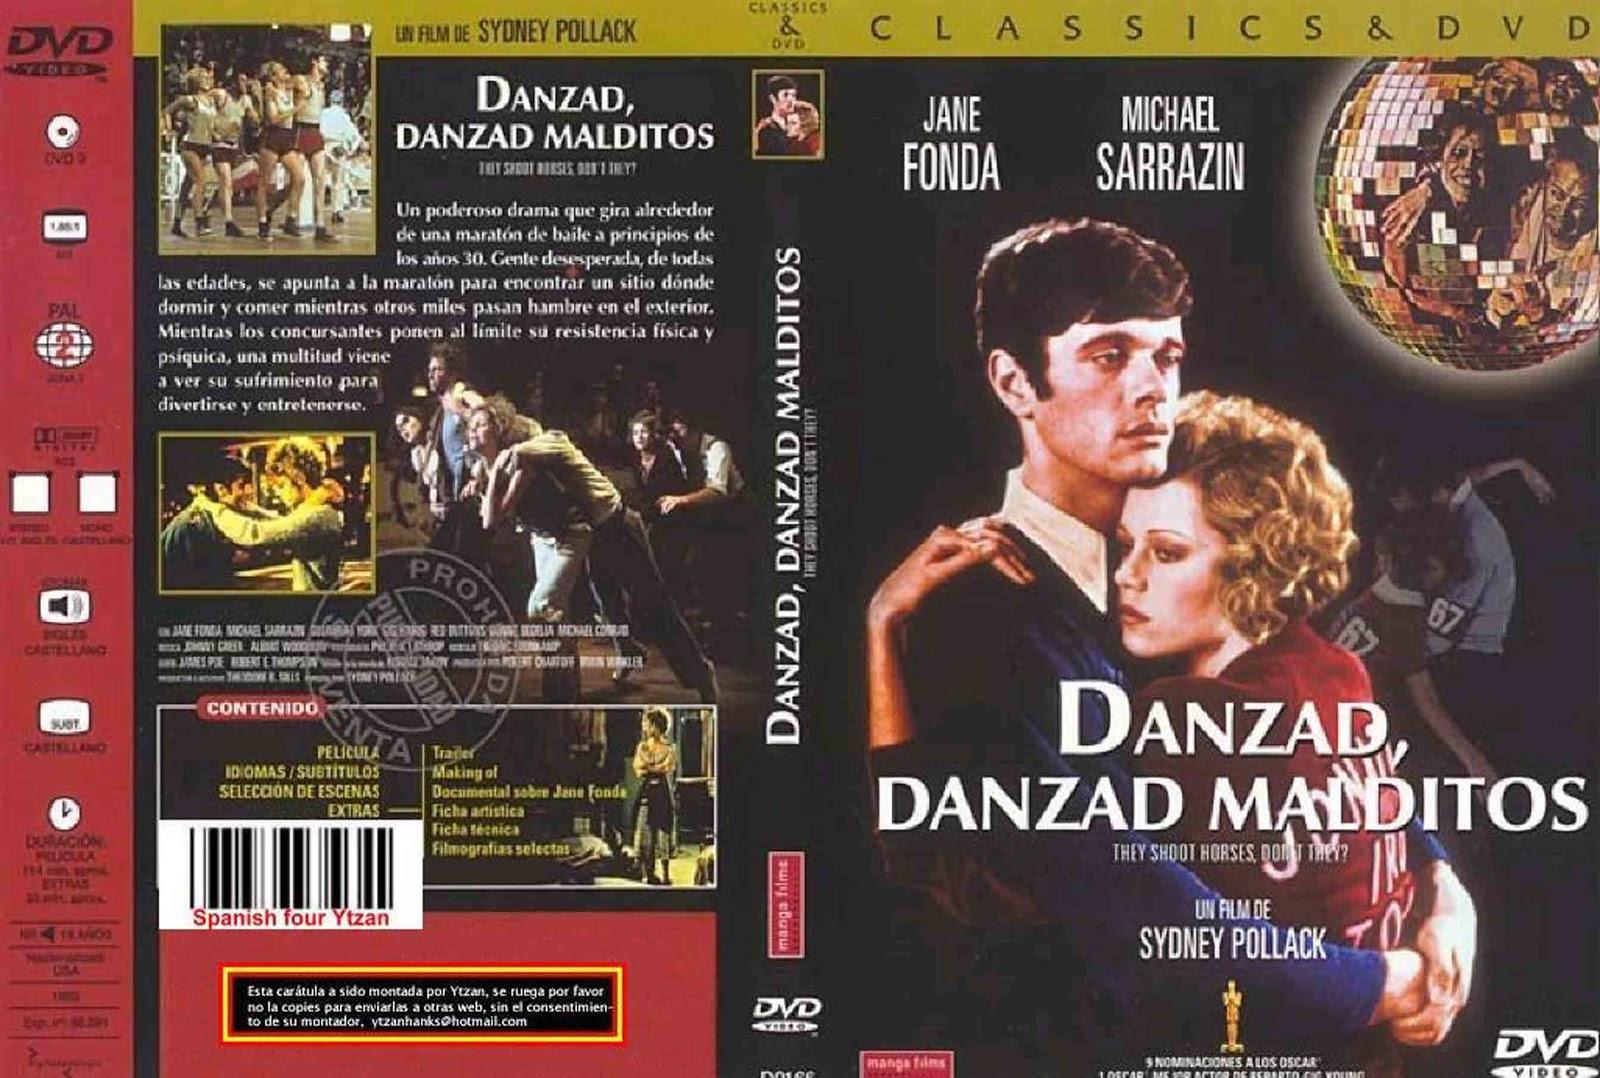 Crátula de Danzad, danzad, malditos